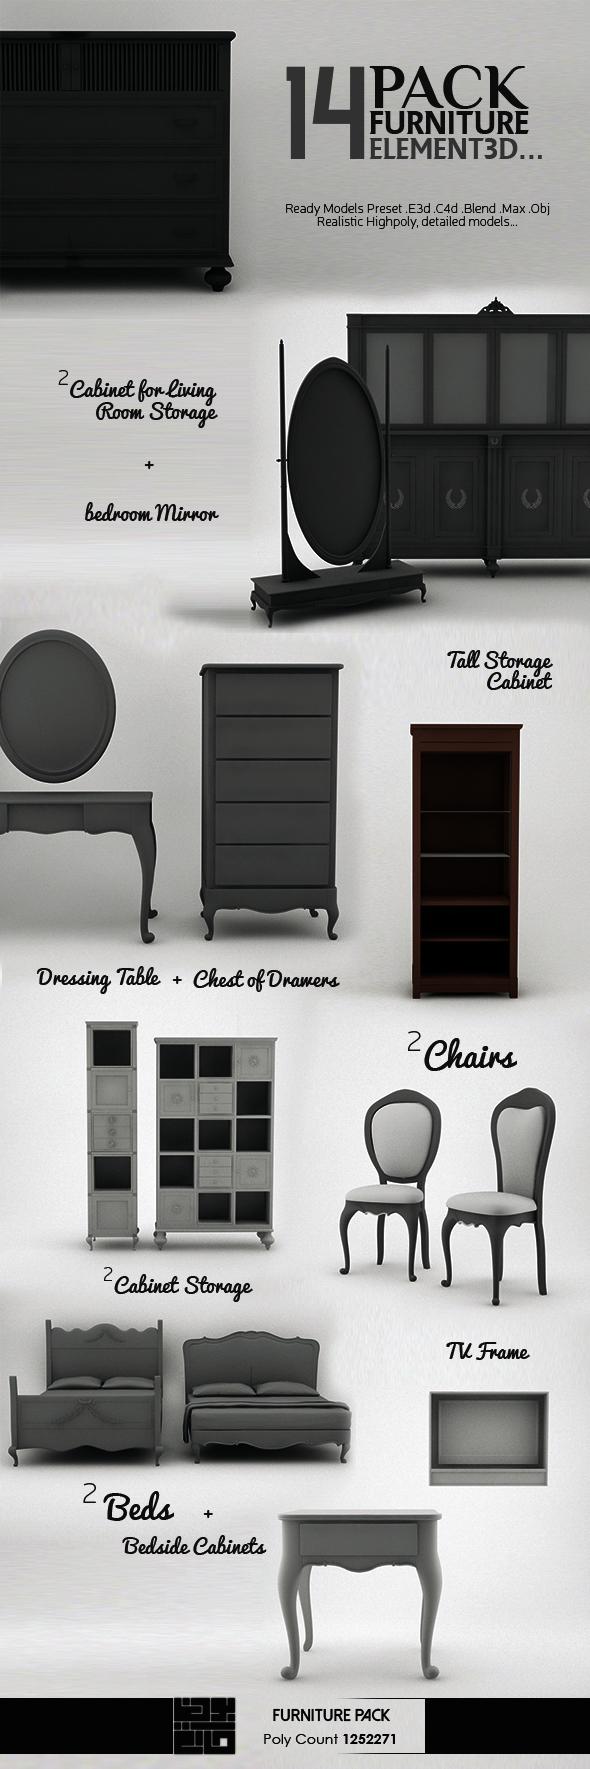 Pack Furniture 3D Model - 3DOcean Item for Sale